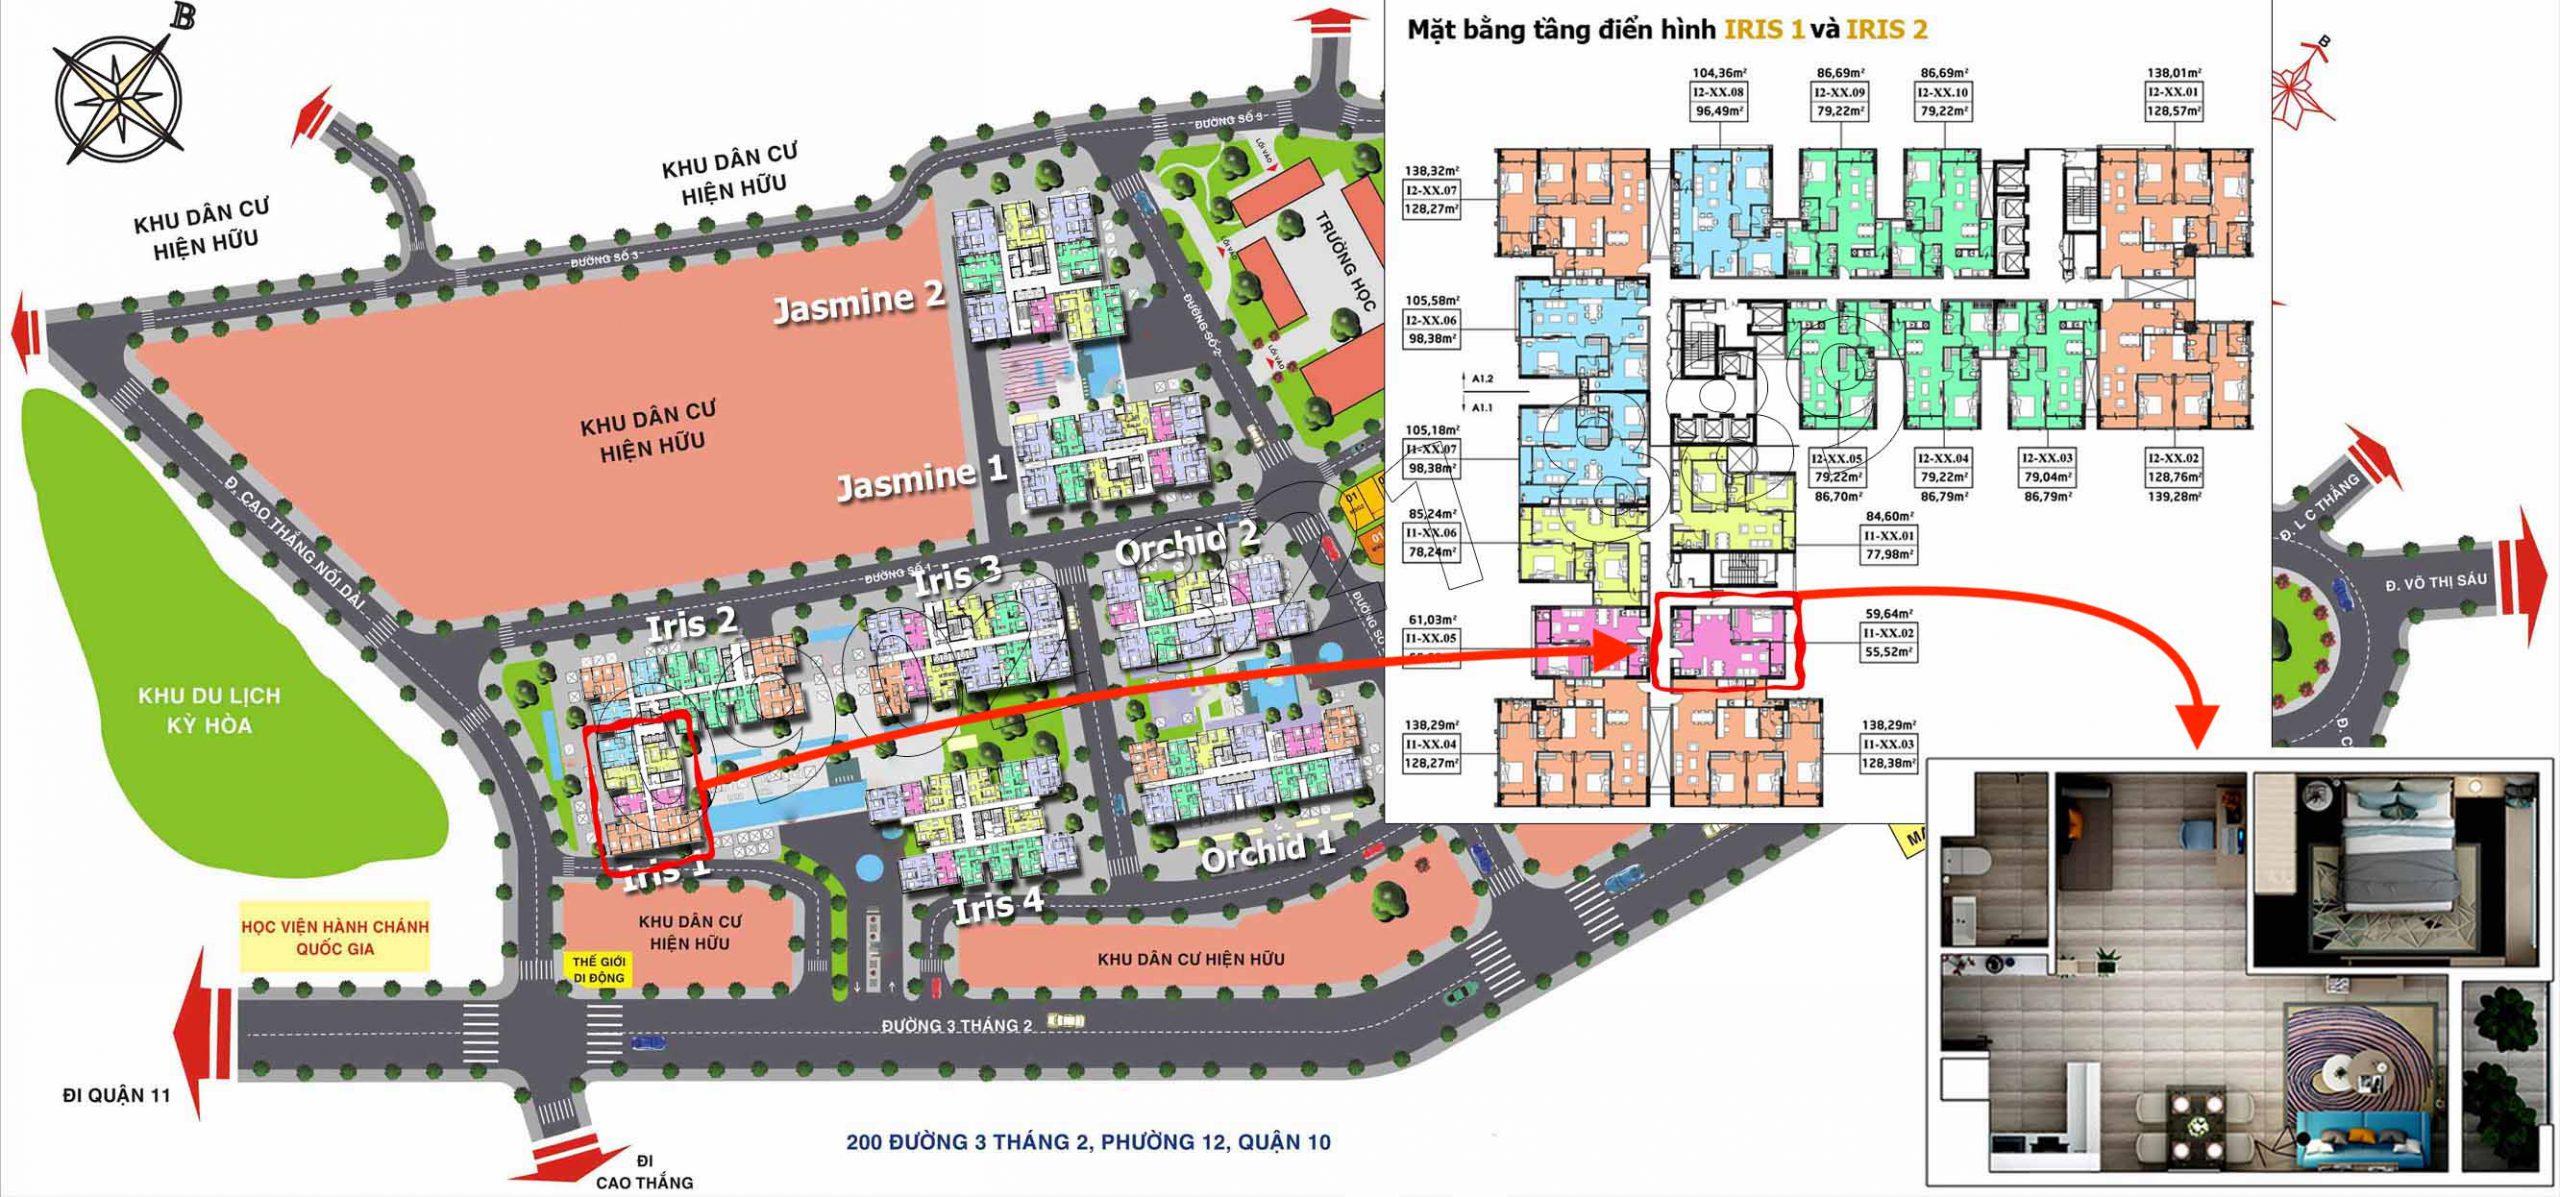 Vị trí căn hộ Hado Centrosa Garden (1 phòng ngủ lớn) tại tòa Iris 1 cần cho thuê.